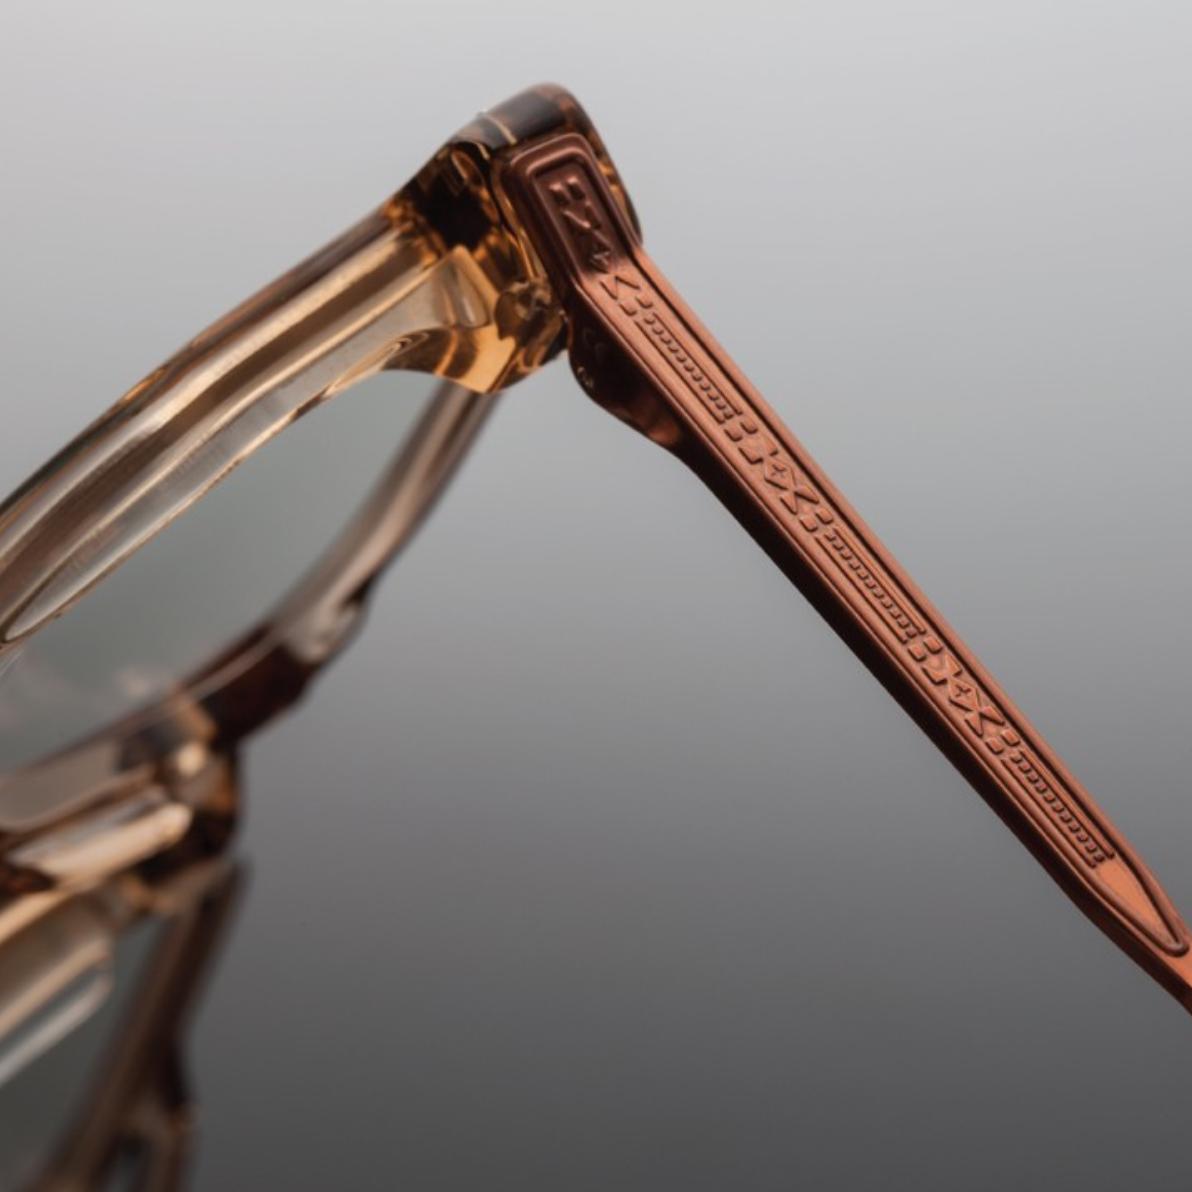 Detailed Eyewear Designs